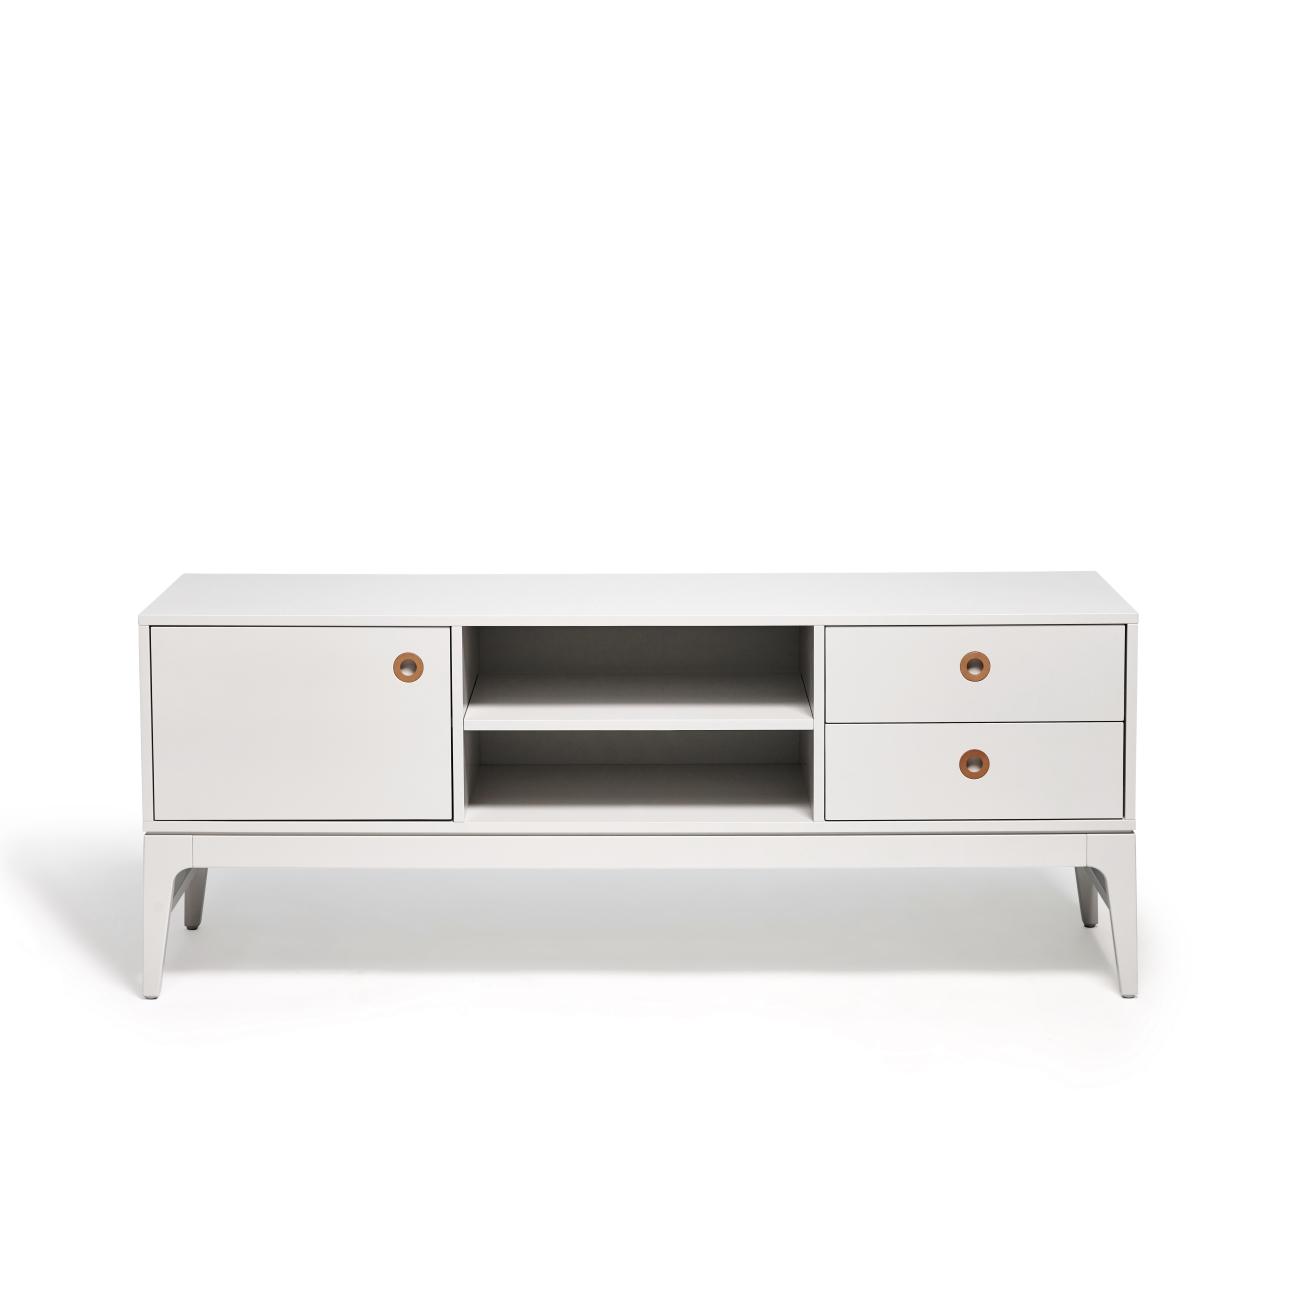 Höllviken TV-bänk 150 cm ljusgrå, Mavis